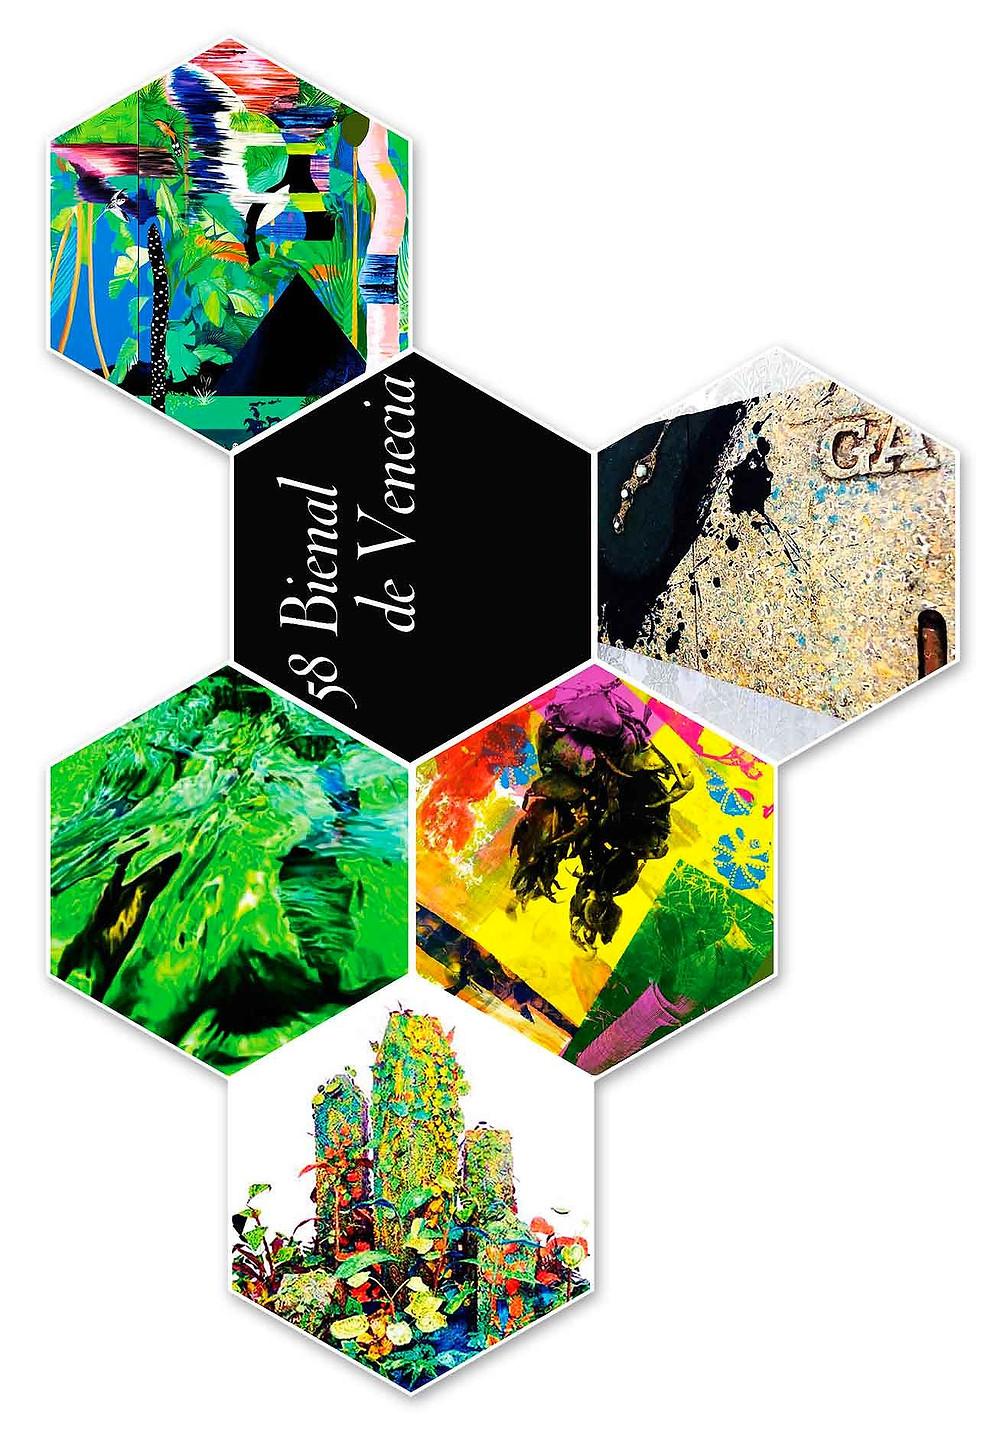 Artistas dominicanos en la 58 bienal de Venecia.